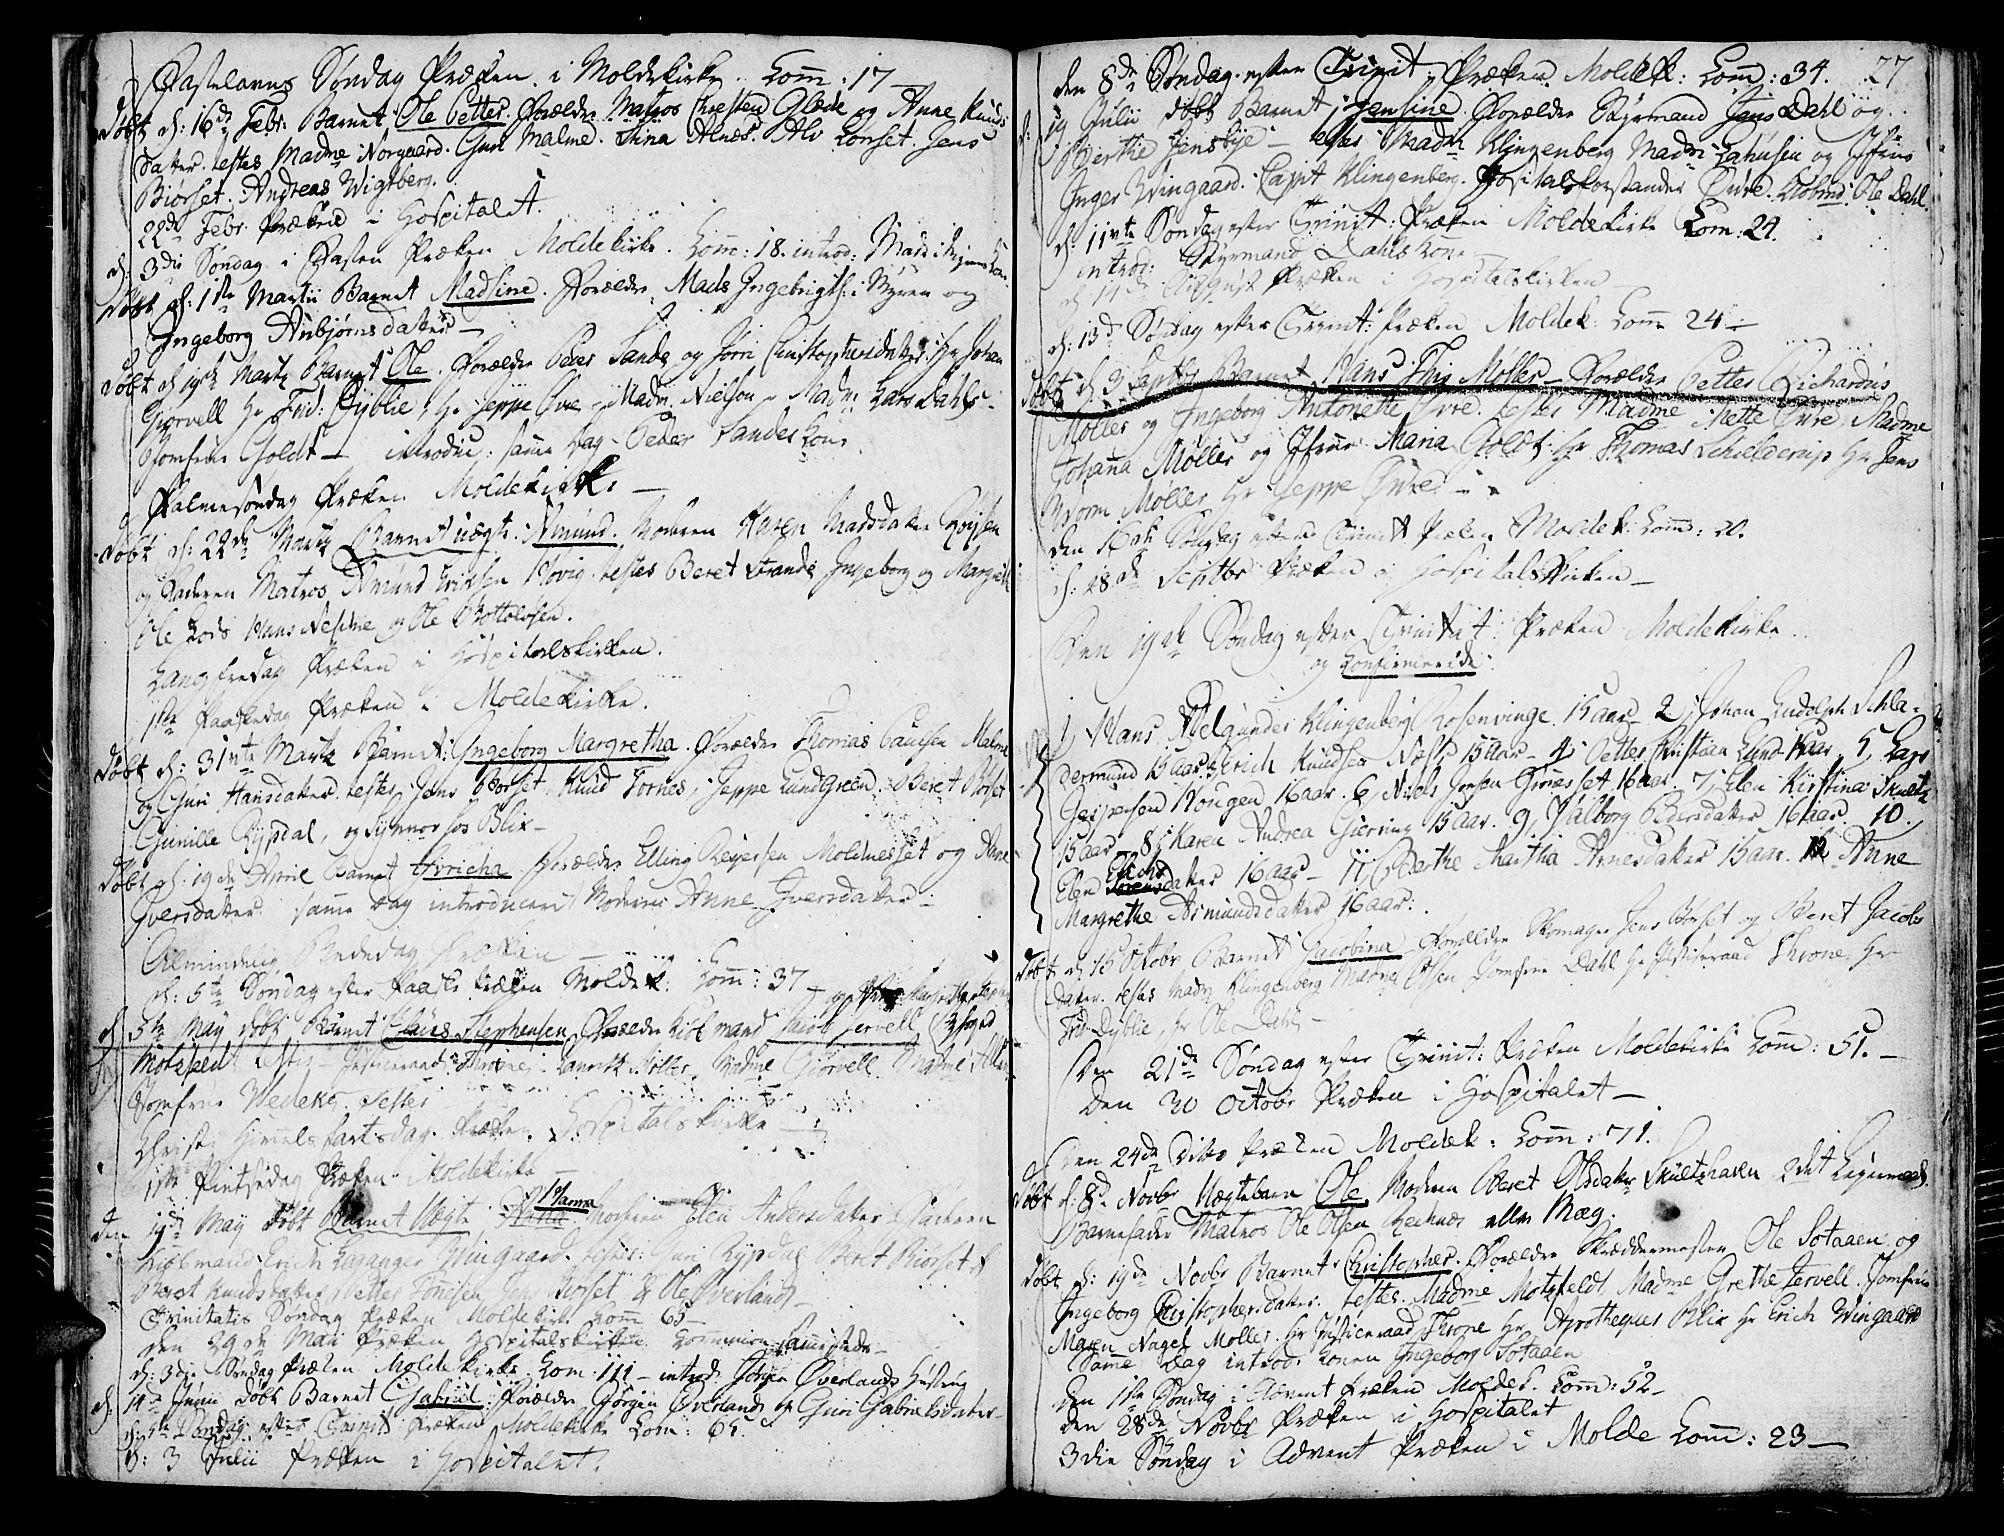 SAT, Ministerialprotokoller, klokkerbøker og fødselsregistre - Møre og Romsdal, 558/L0687: Parish register (official) no. 558A01, 1798-1818, p. 27